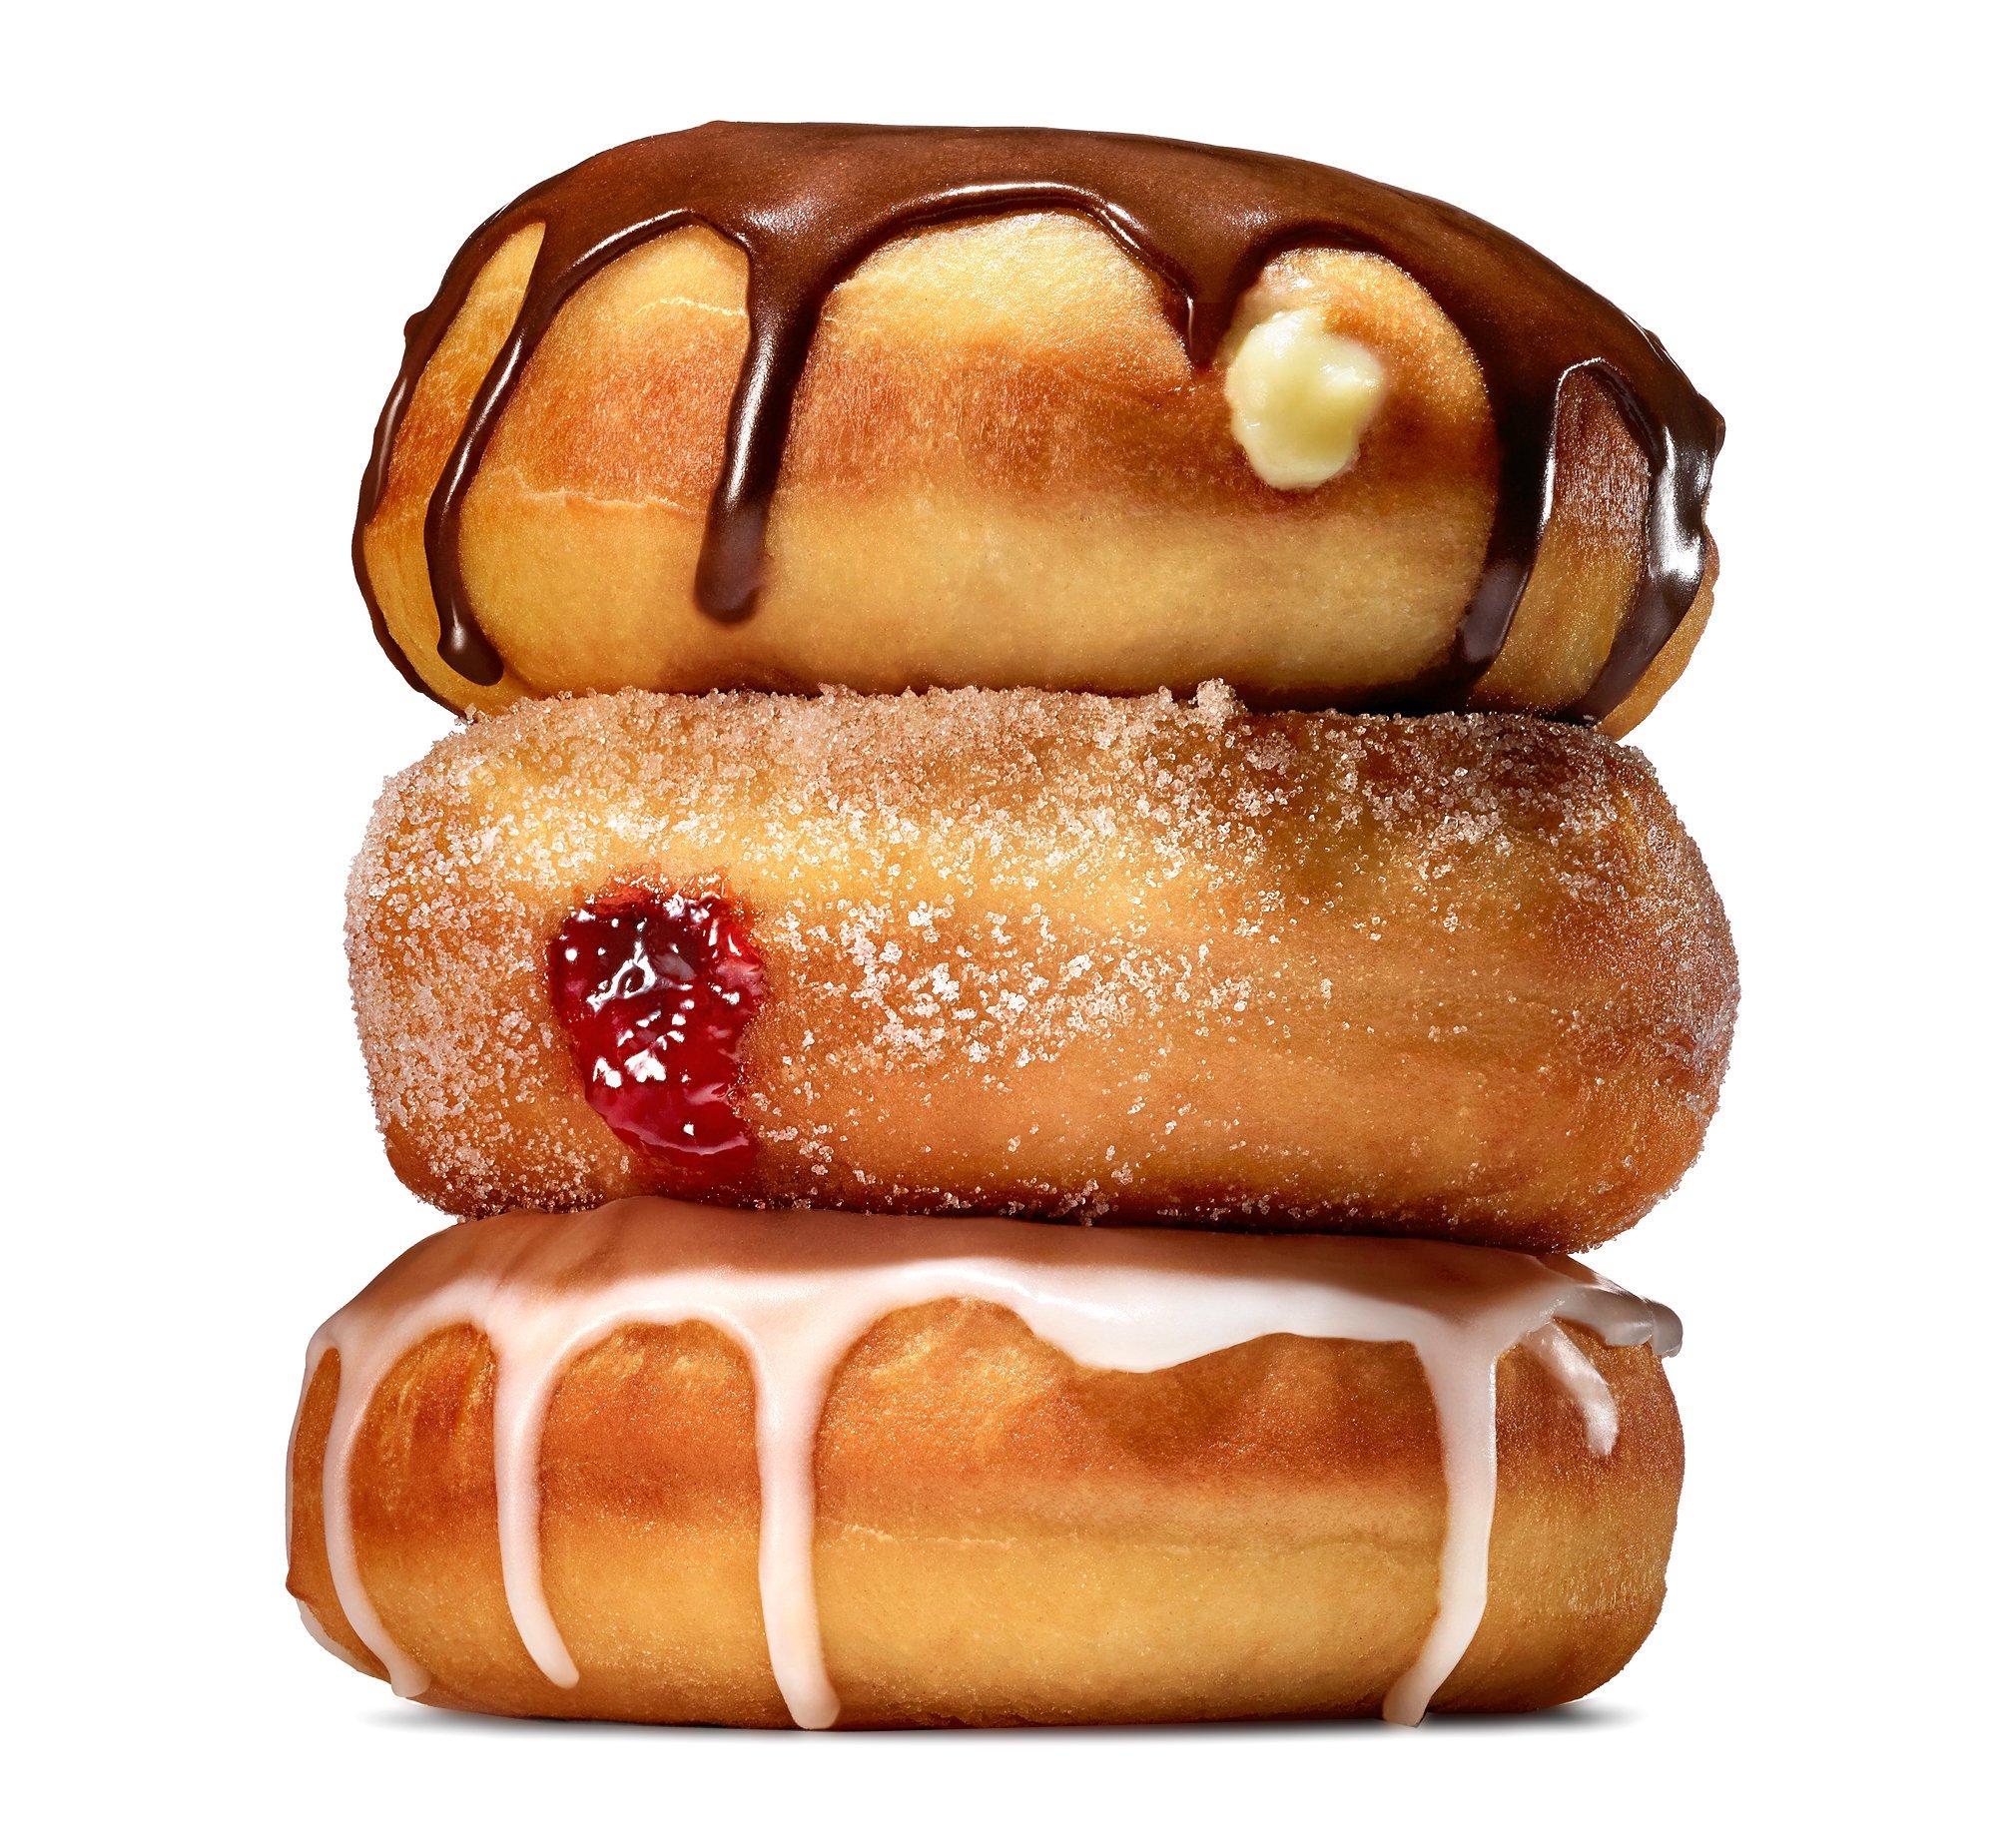 schmackhafte Donuts mit Kuvertüre